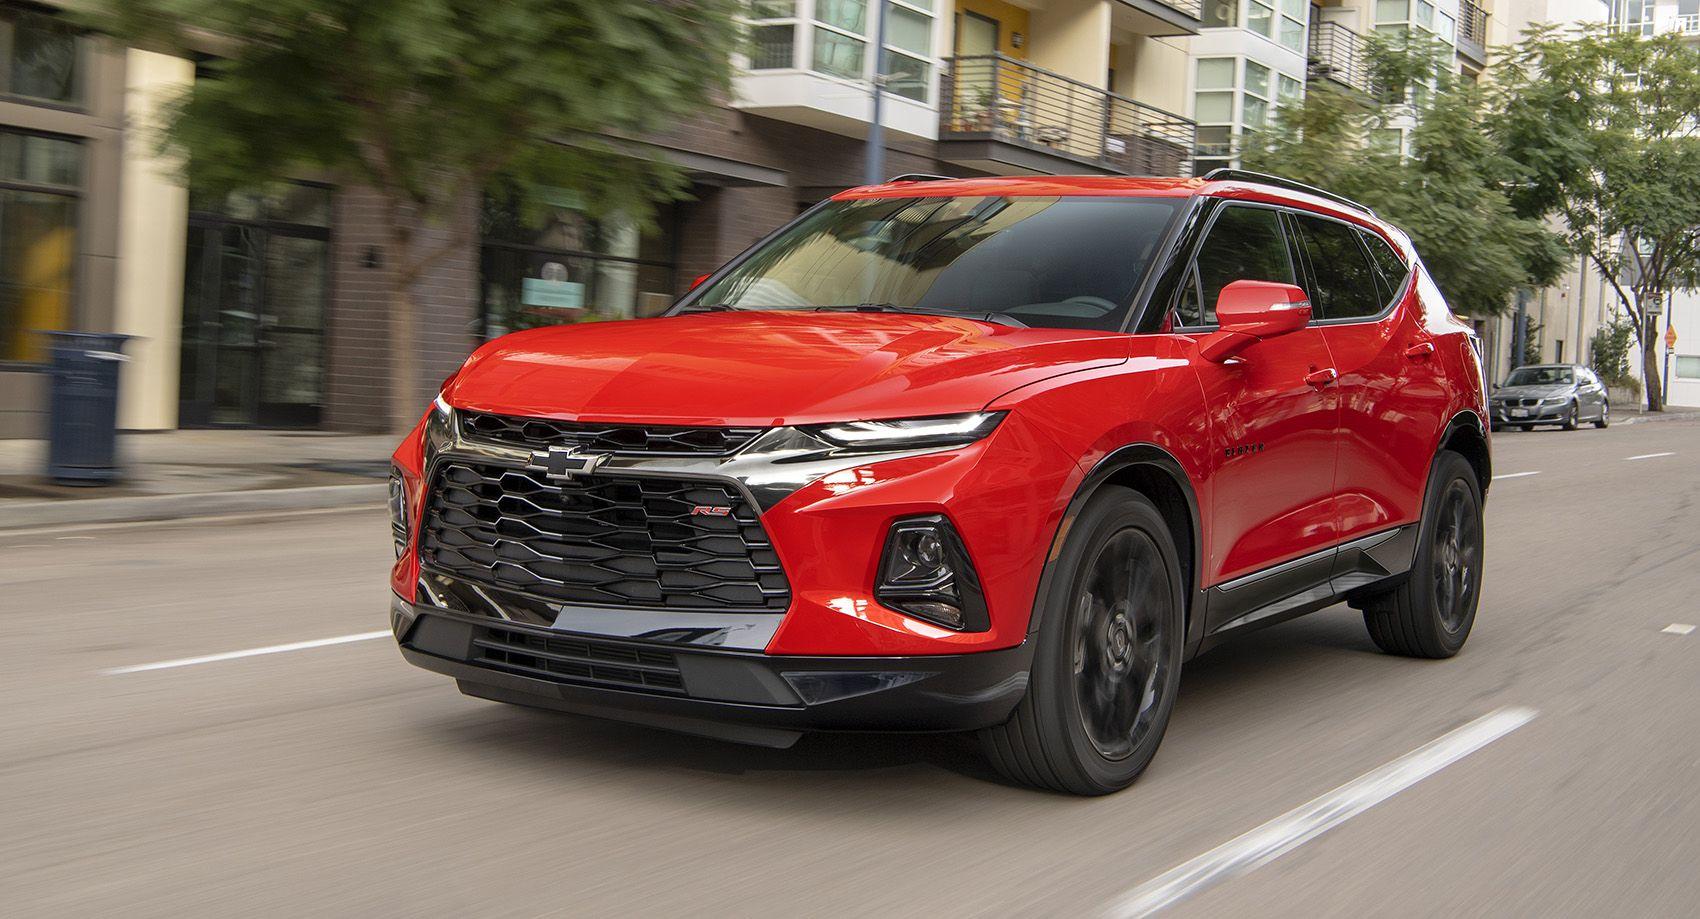 Todos Los Precios Del Chevrolet Blazer Para Mexico Chevrolet Blazer Chevy Trailblazer Chevrolet Trailblazer